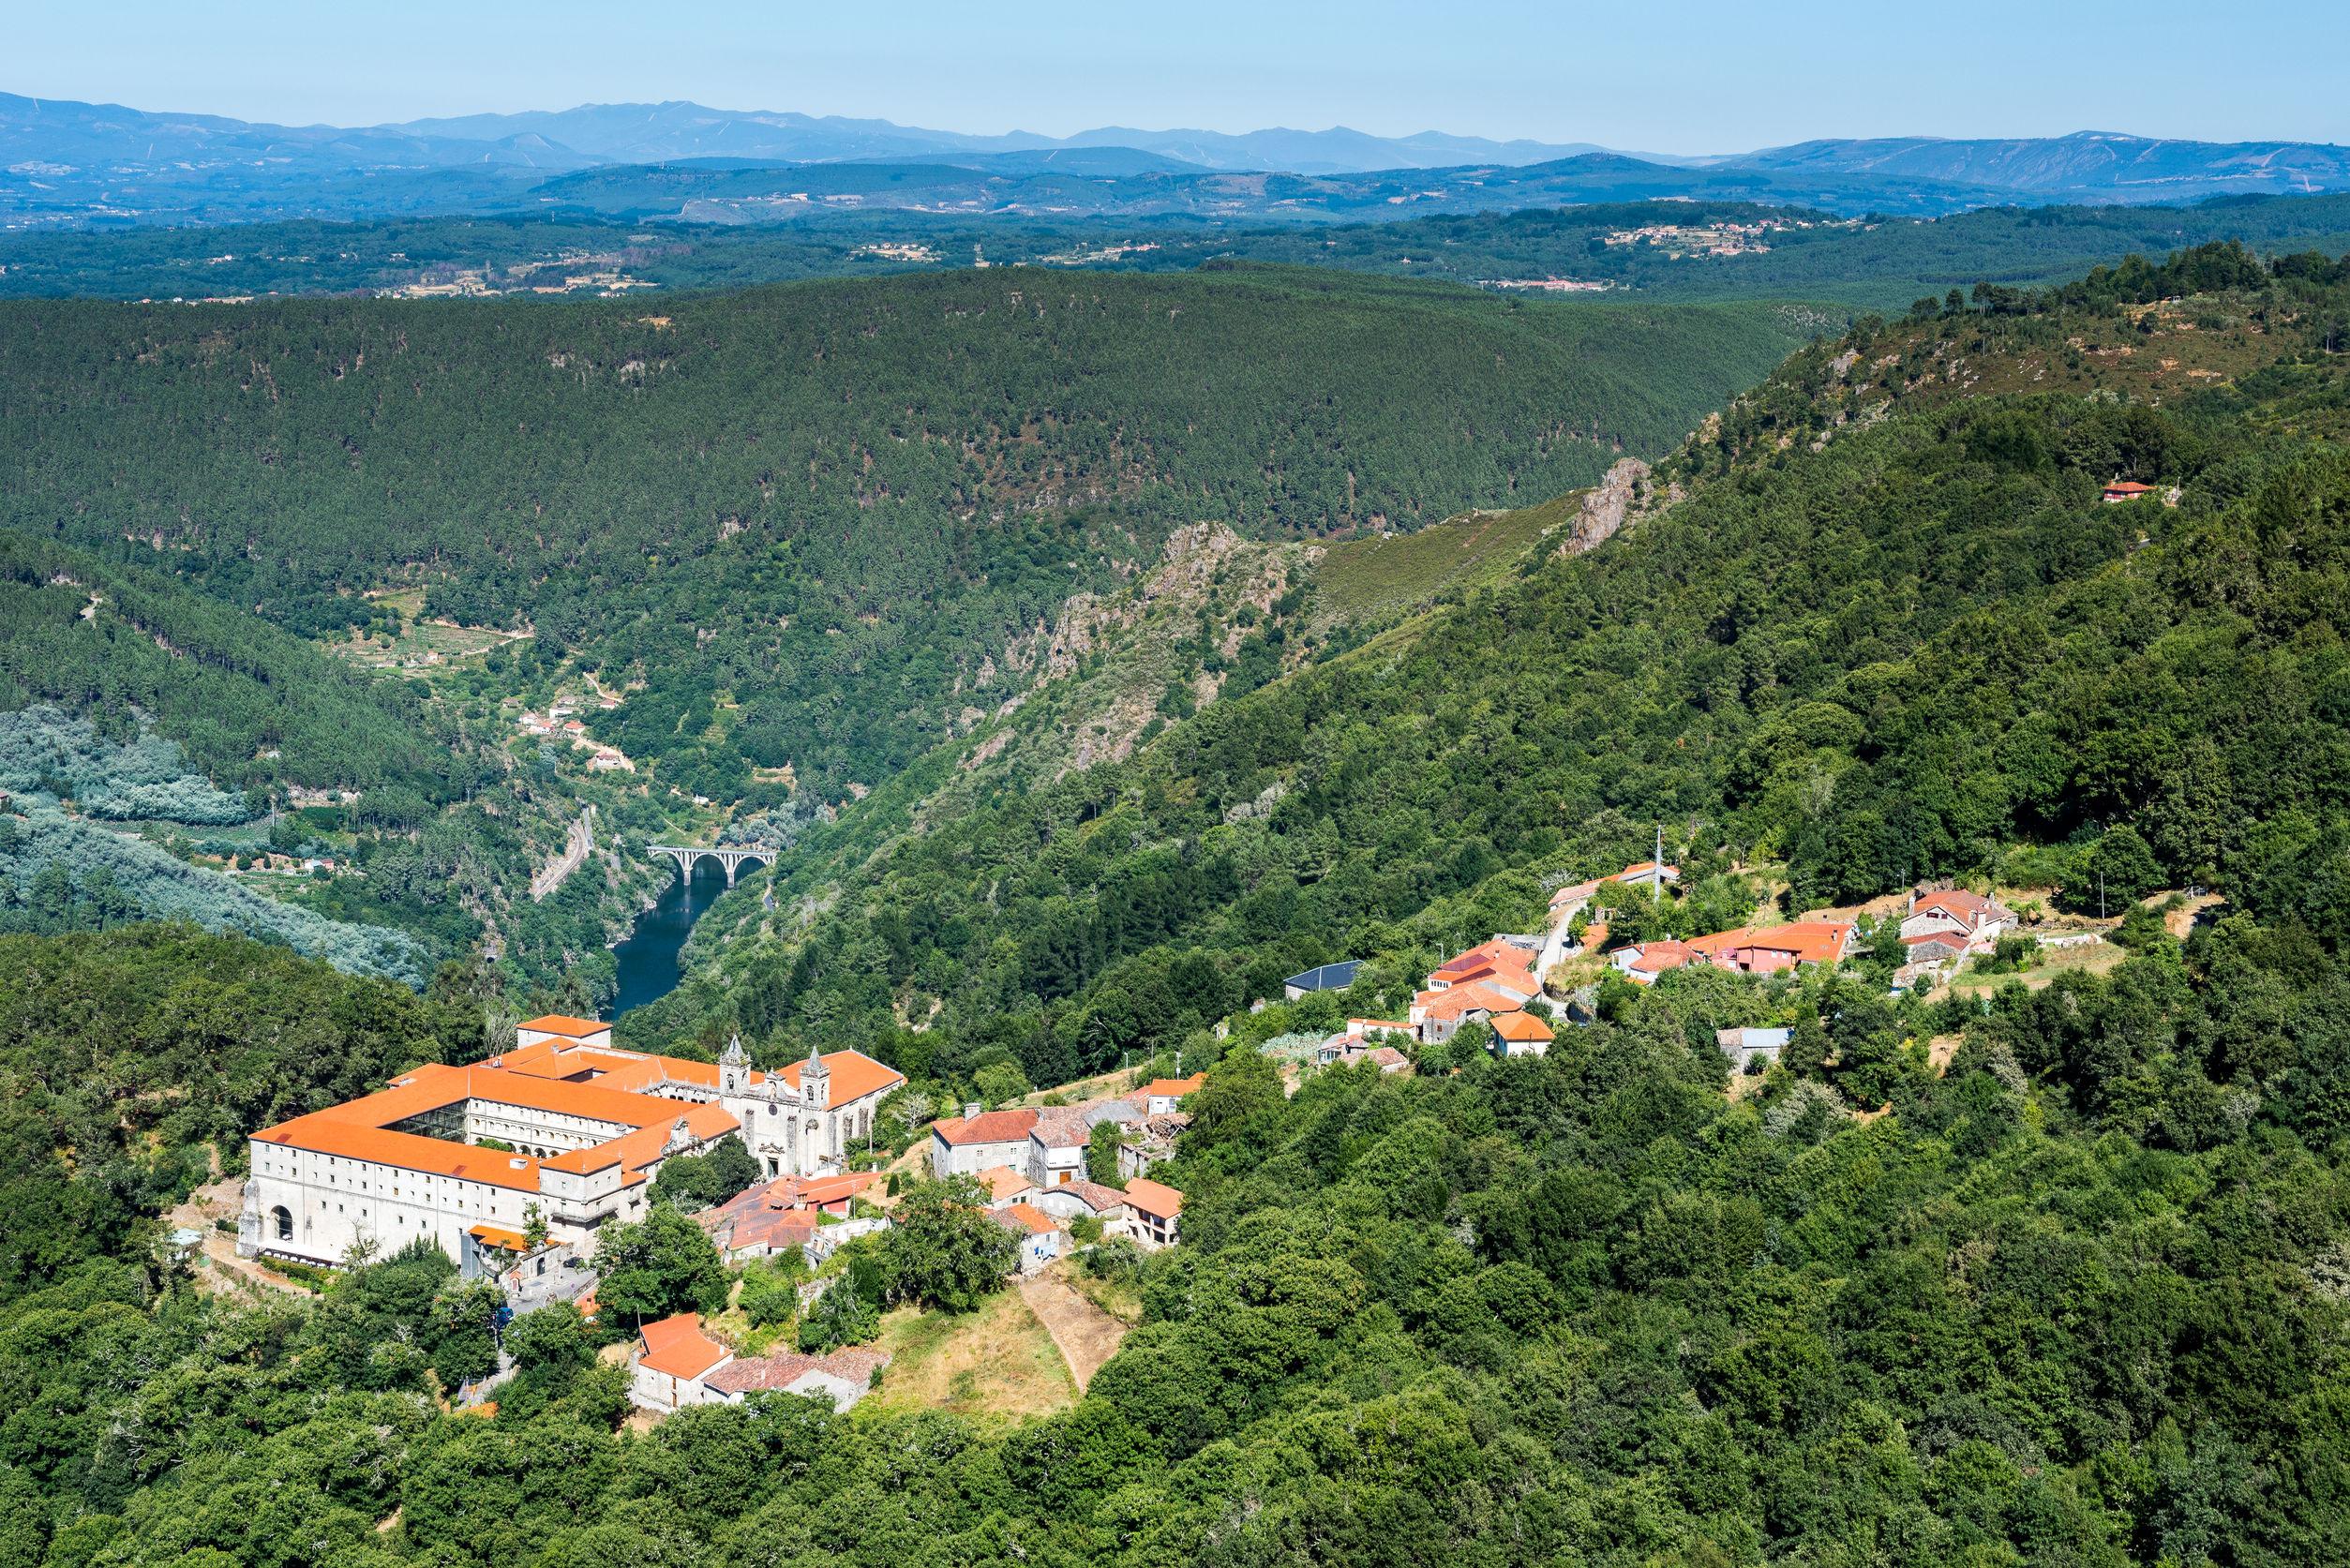 北スペインの観光スポットであるガリシアのリベイラ・サクラ